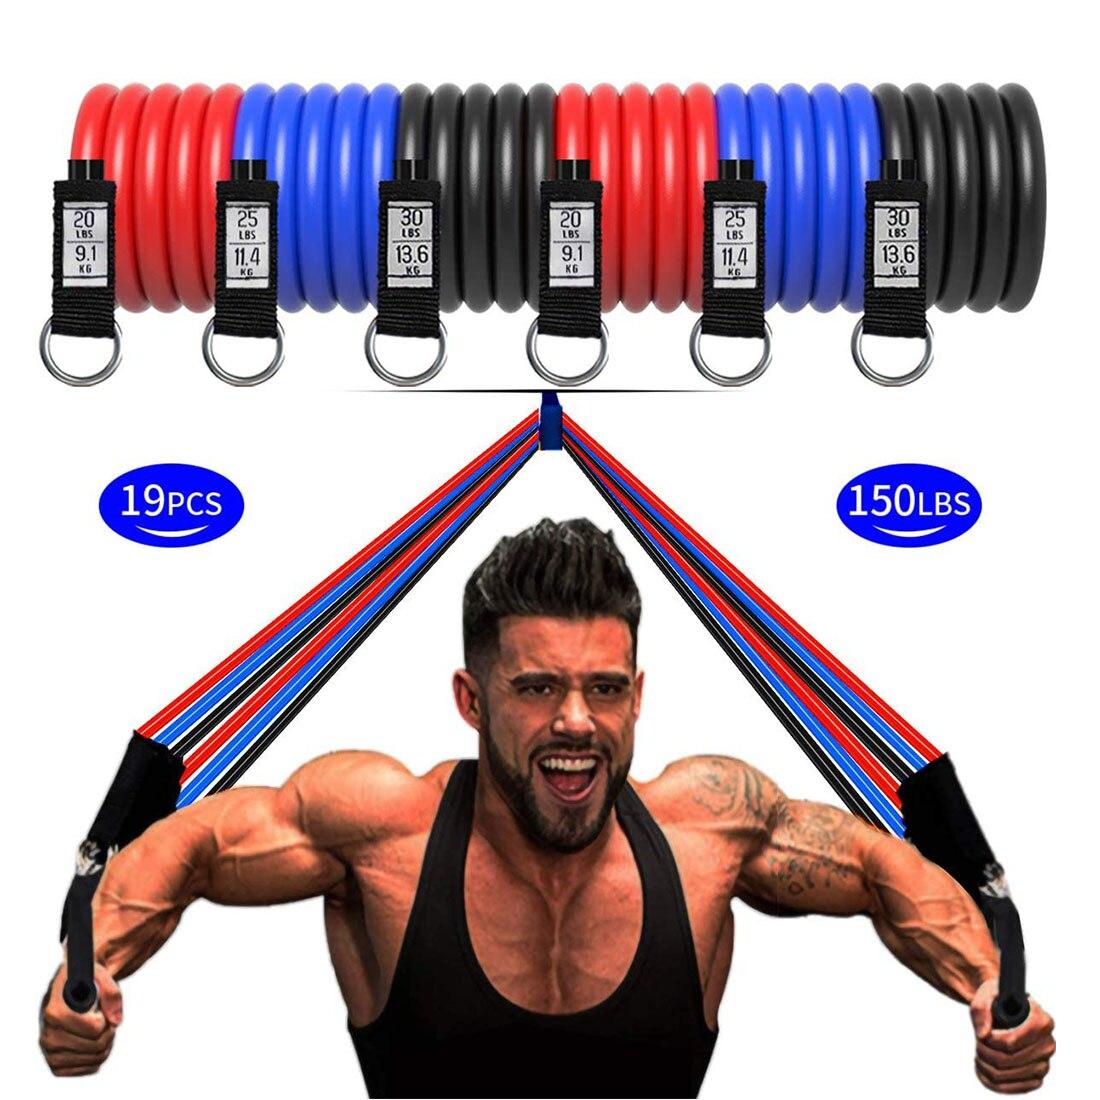 Bandas de resistência conjunto puxar para cima bandas de exercício alças porta âncora para homens mulher pernas peito trem exercícios equipamentos de ginástica em casa